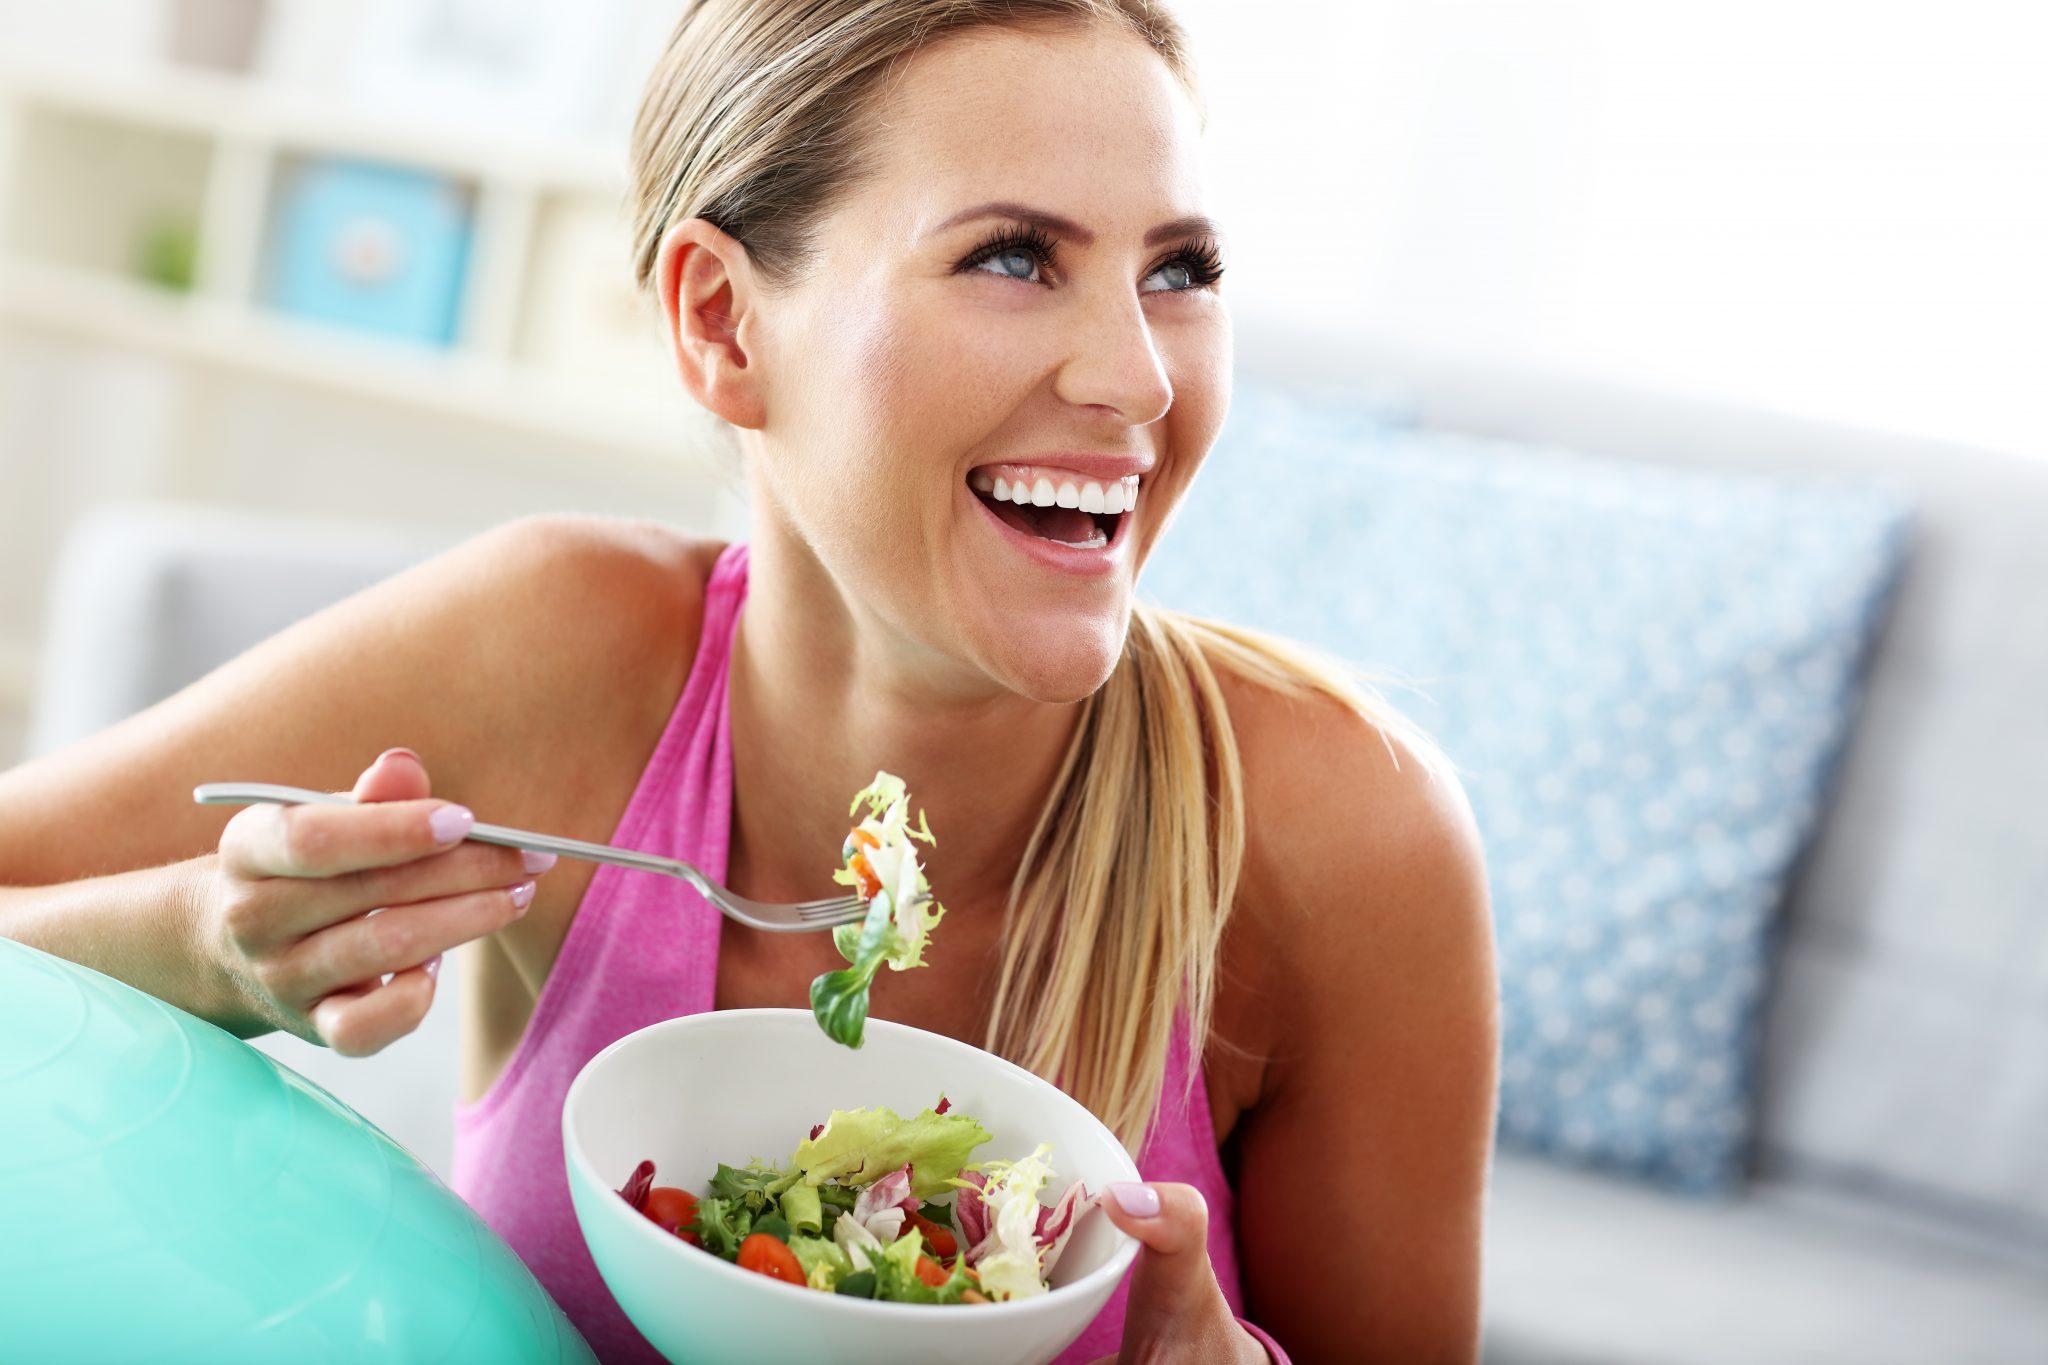 Donna sorridente mangia un'insalata da una ciotola bianca